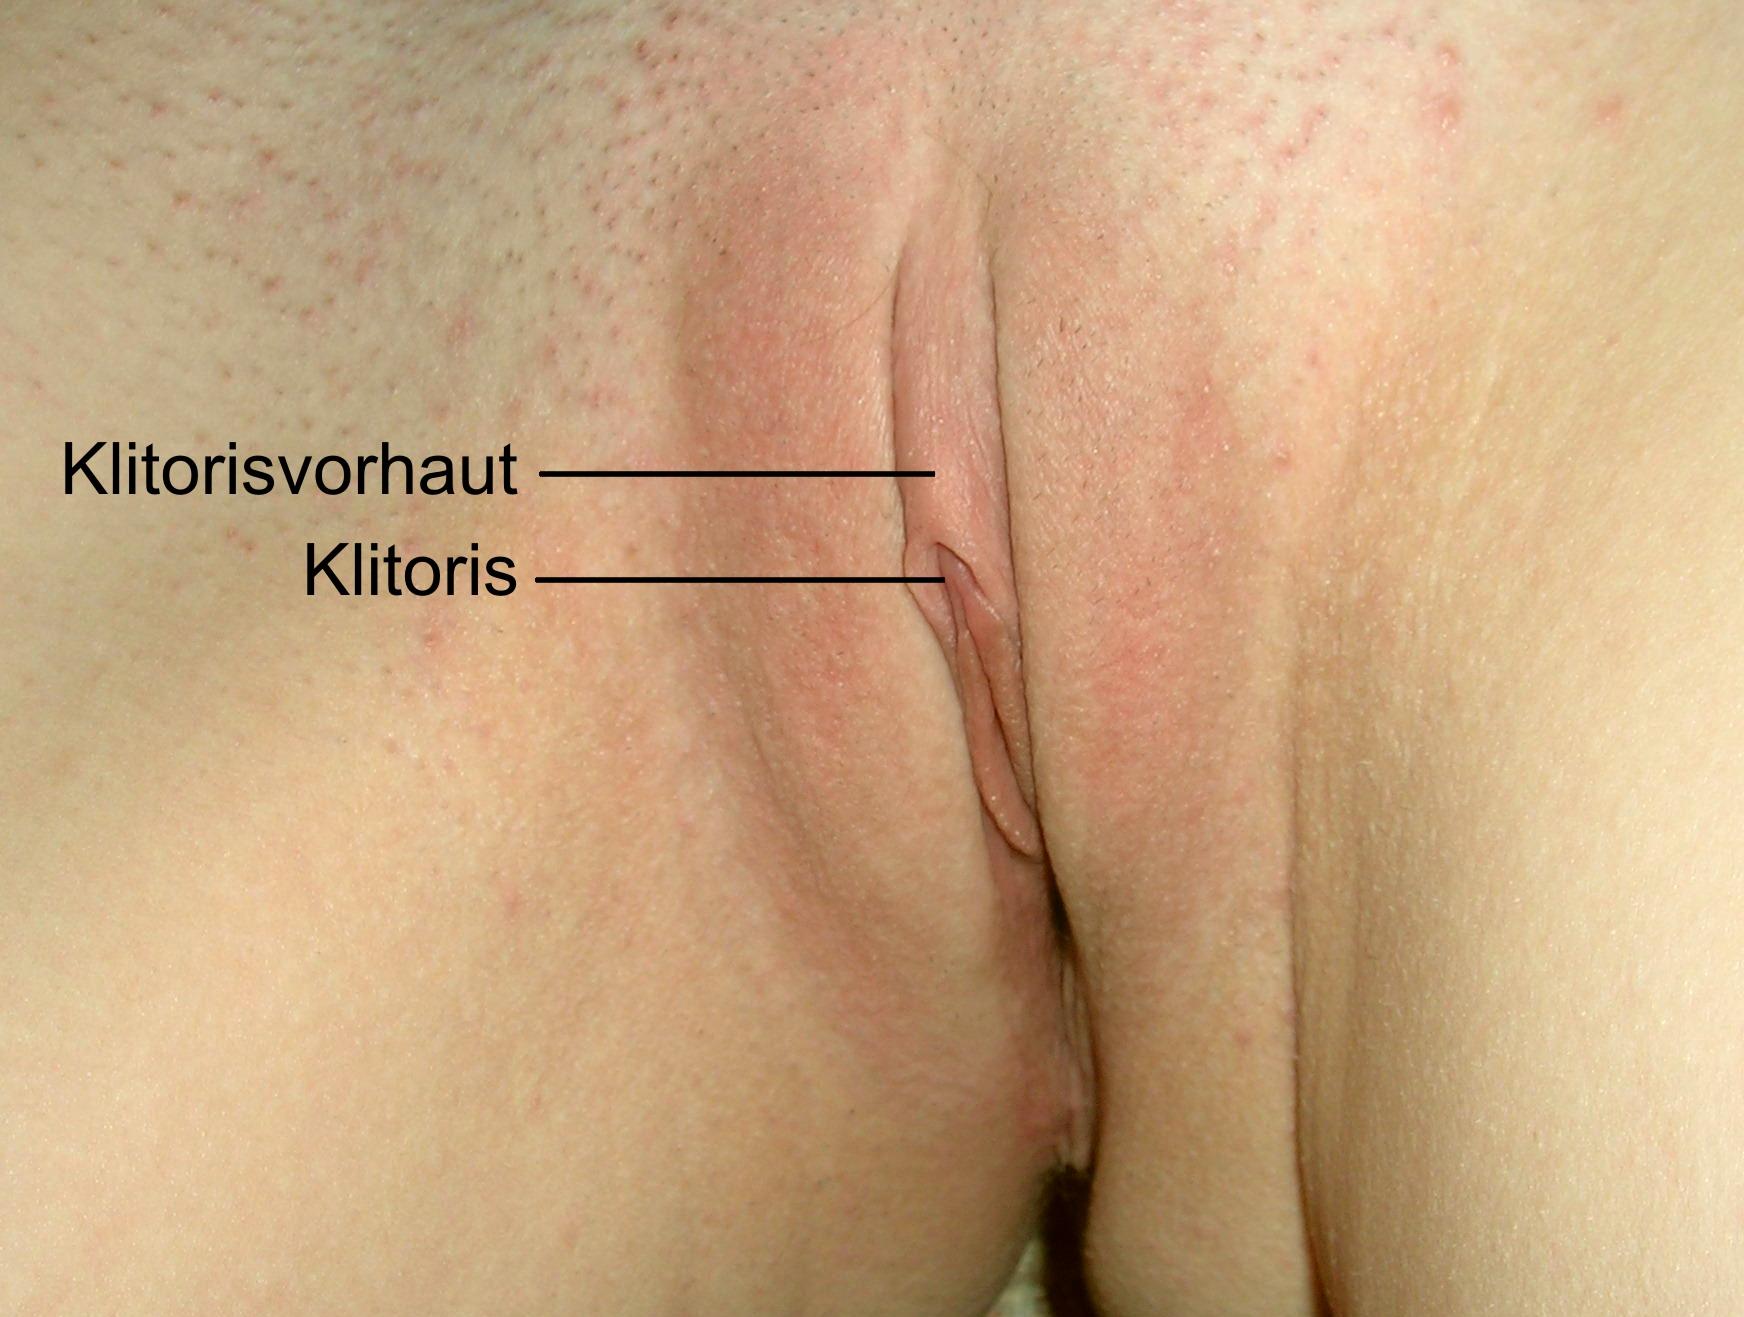 pornofilmer piercing i klitoris